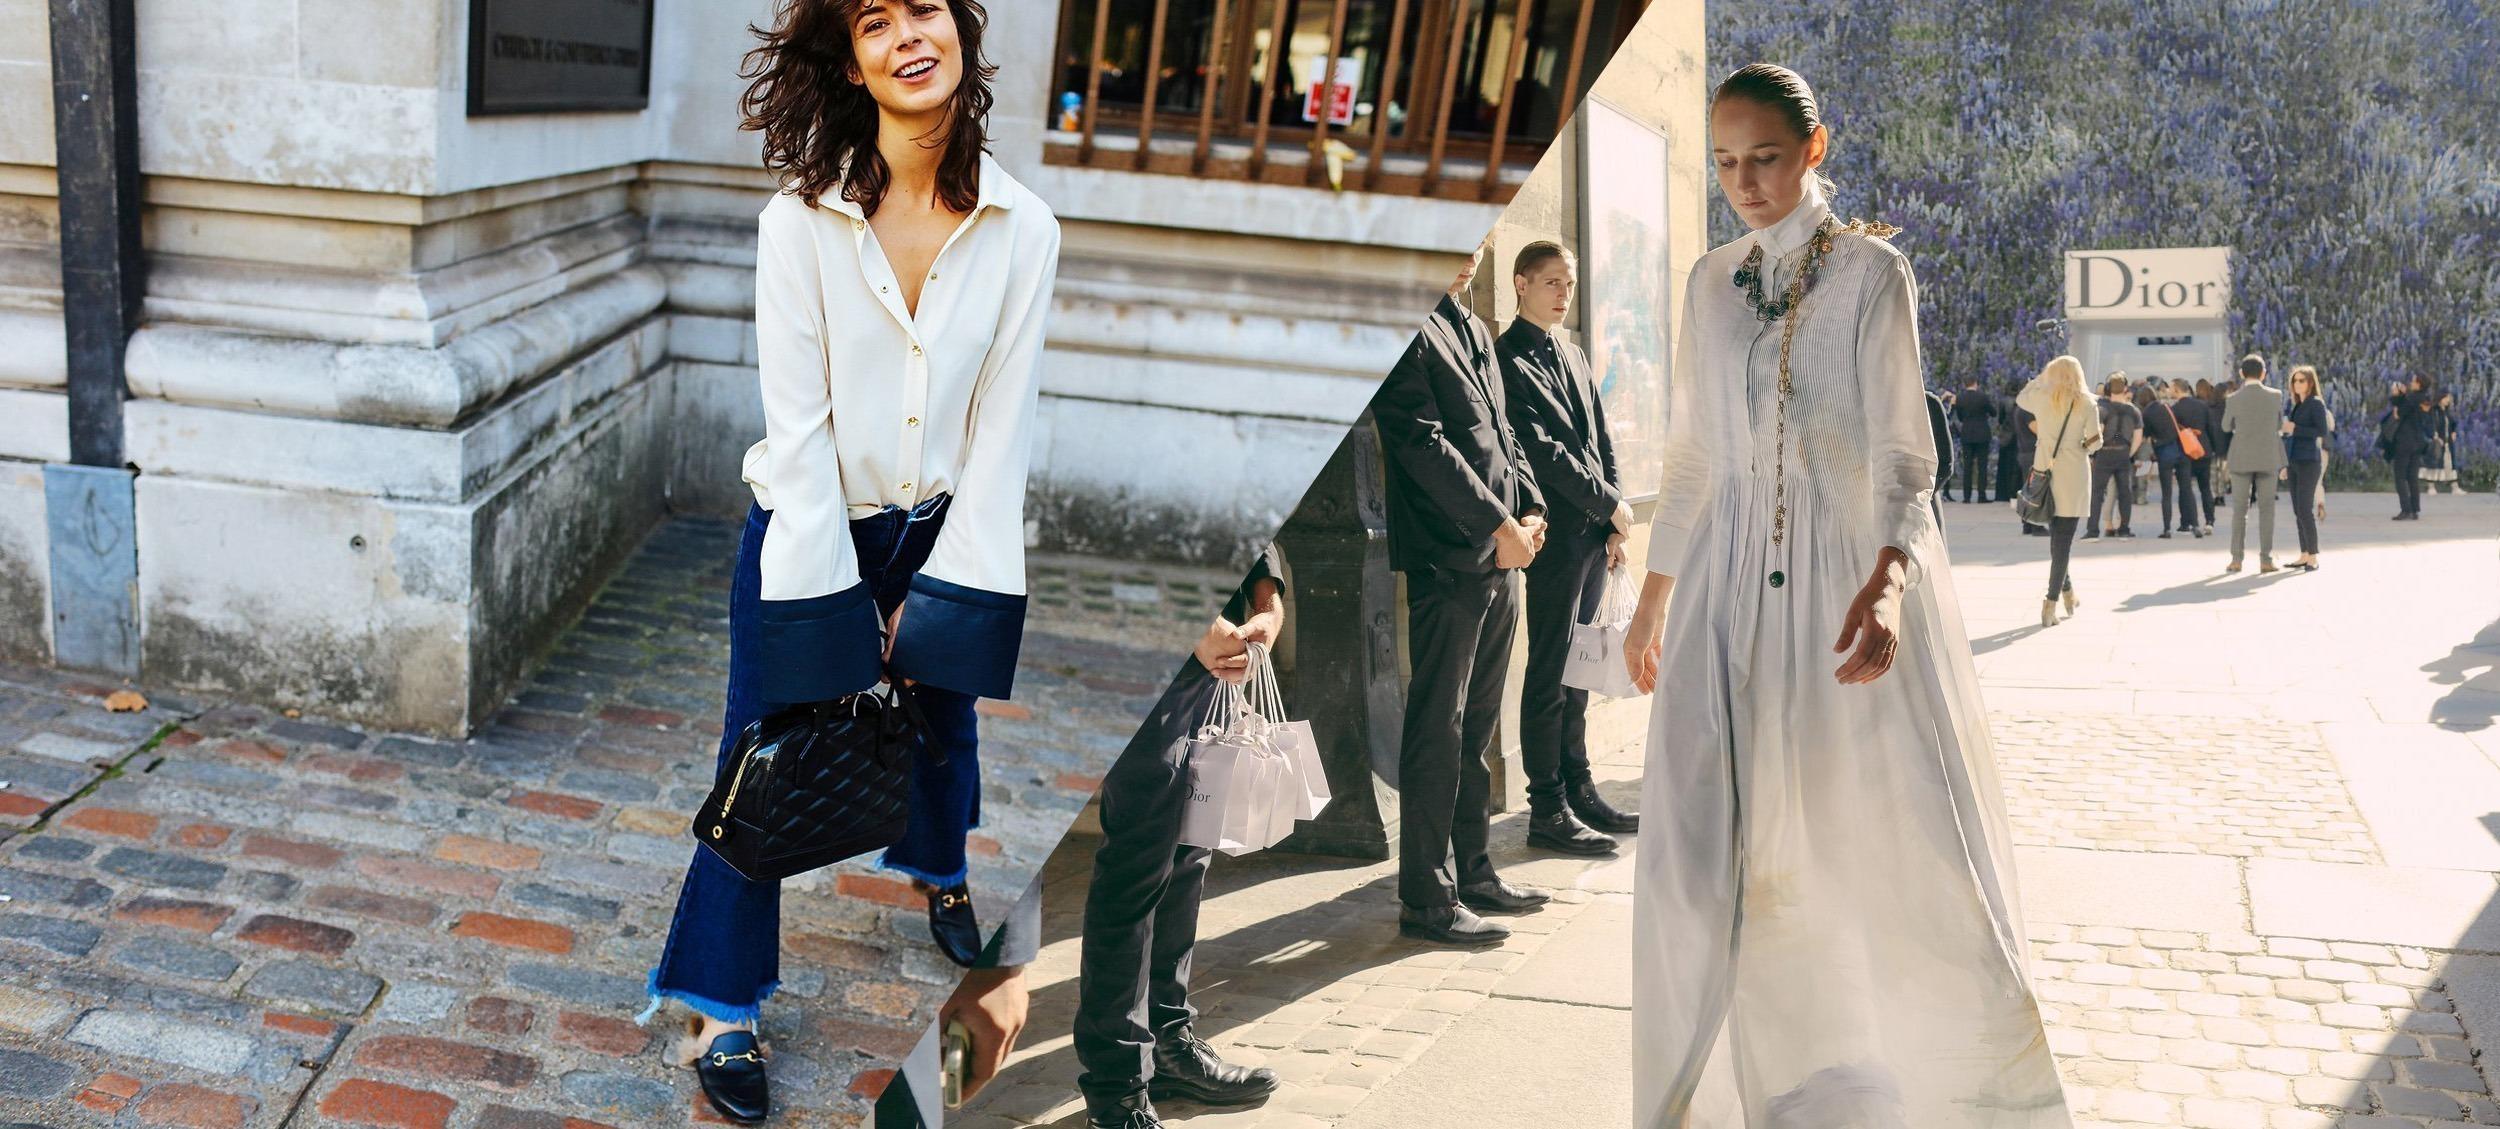 Varias maneiras de usar camisa branca 4